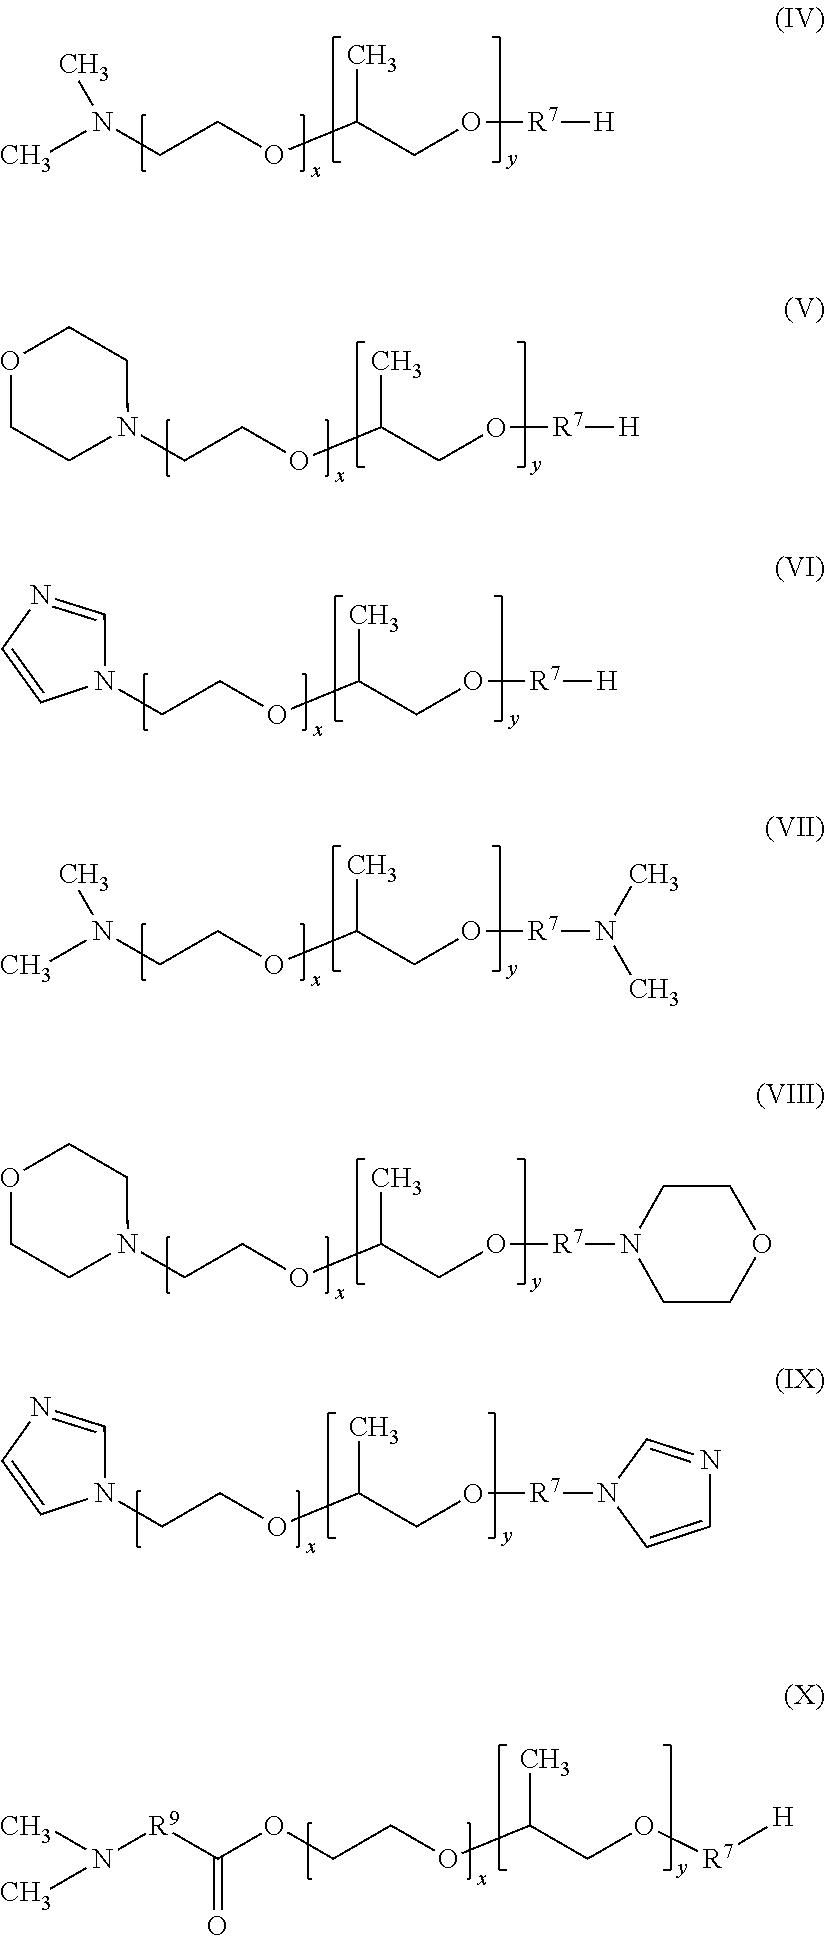 Figure US09309271-20160412-C00020